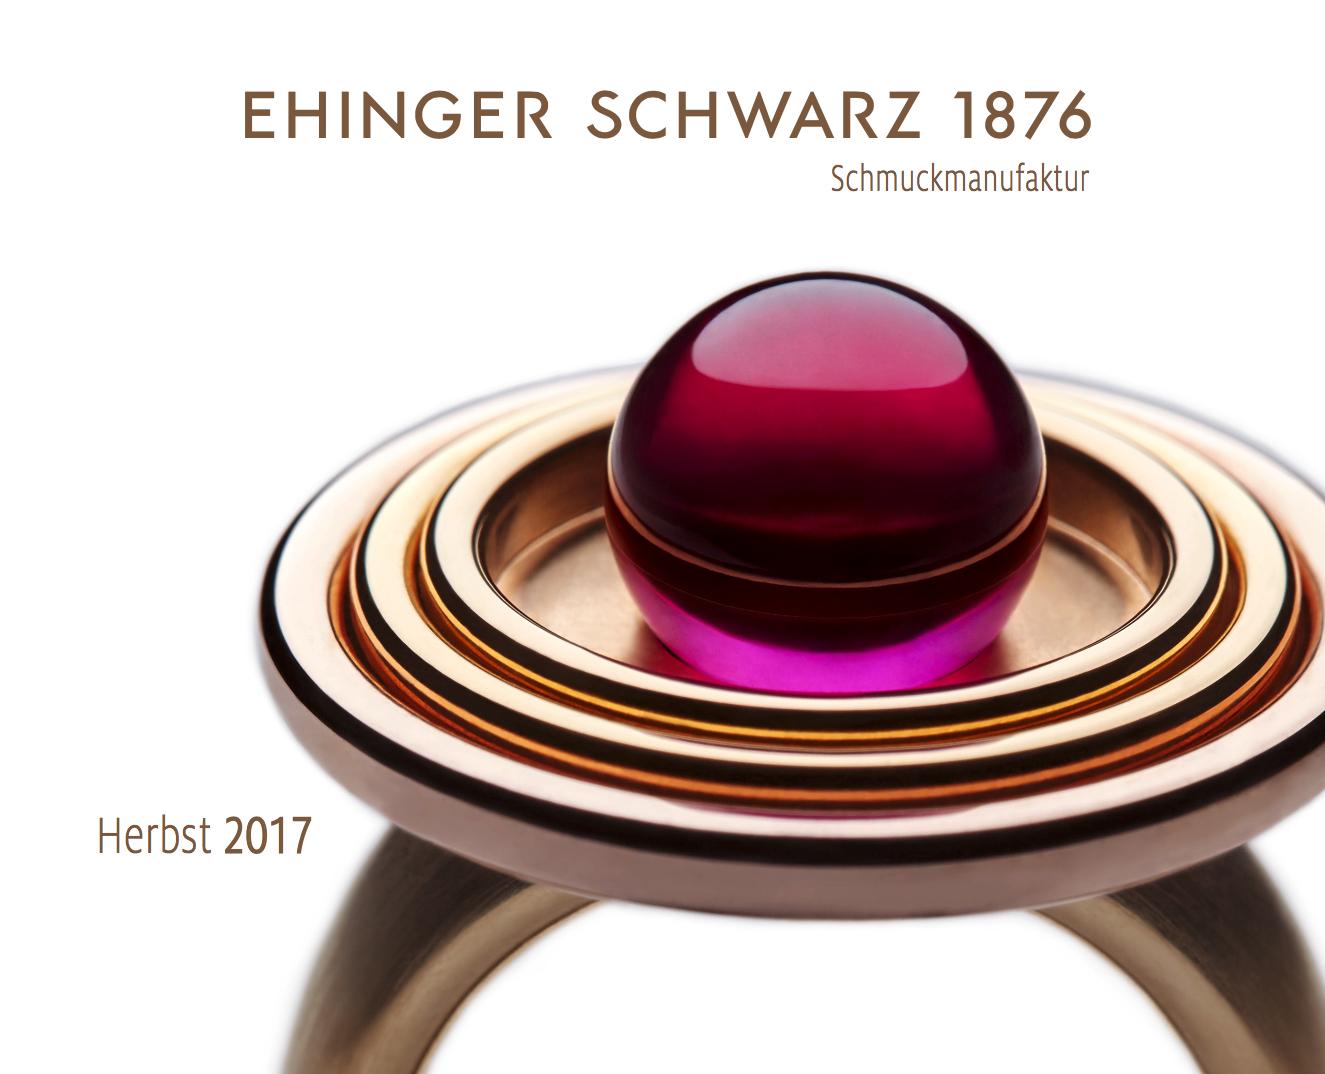 ehinger-schwarz-1876-herbst-2017